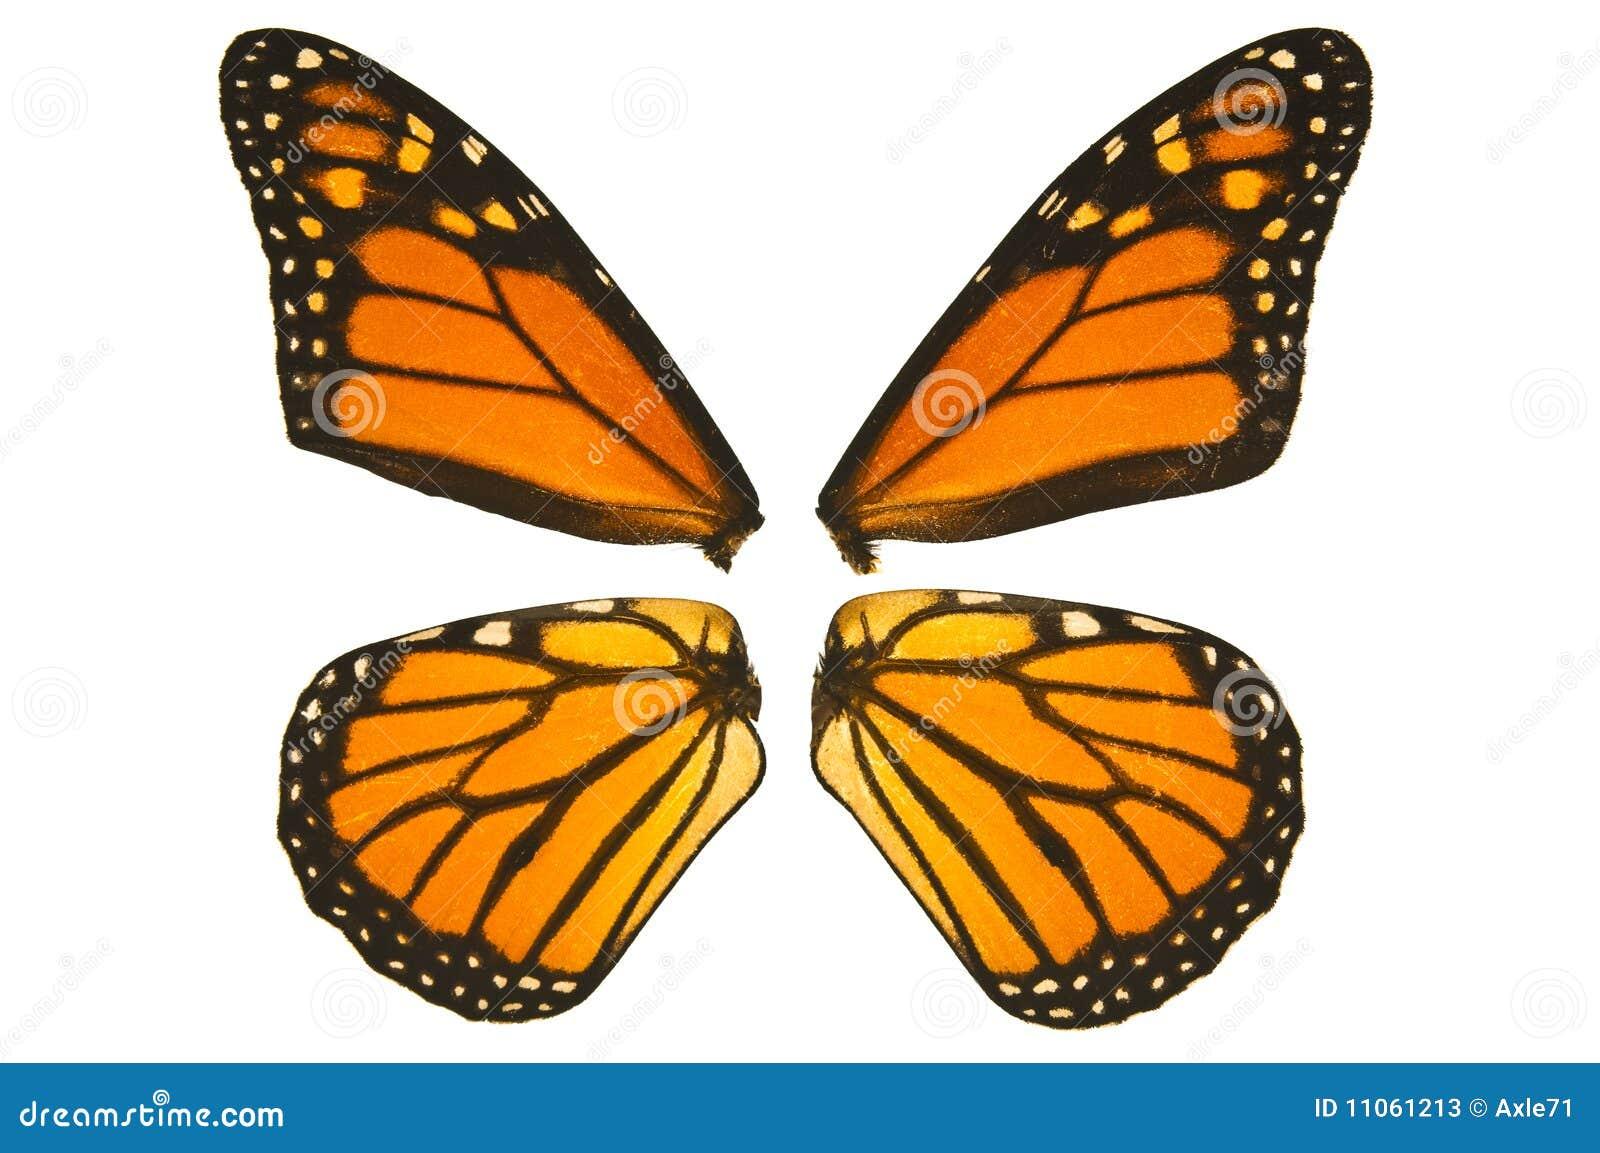 Monarch butterfly wings - photo#1